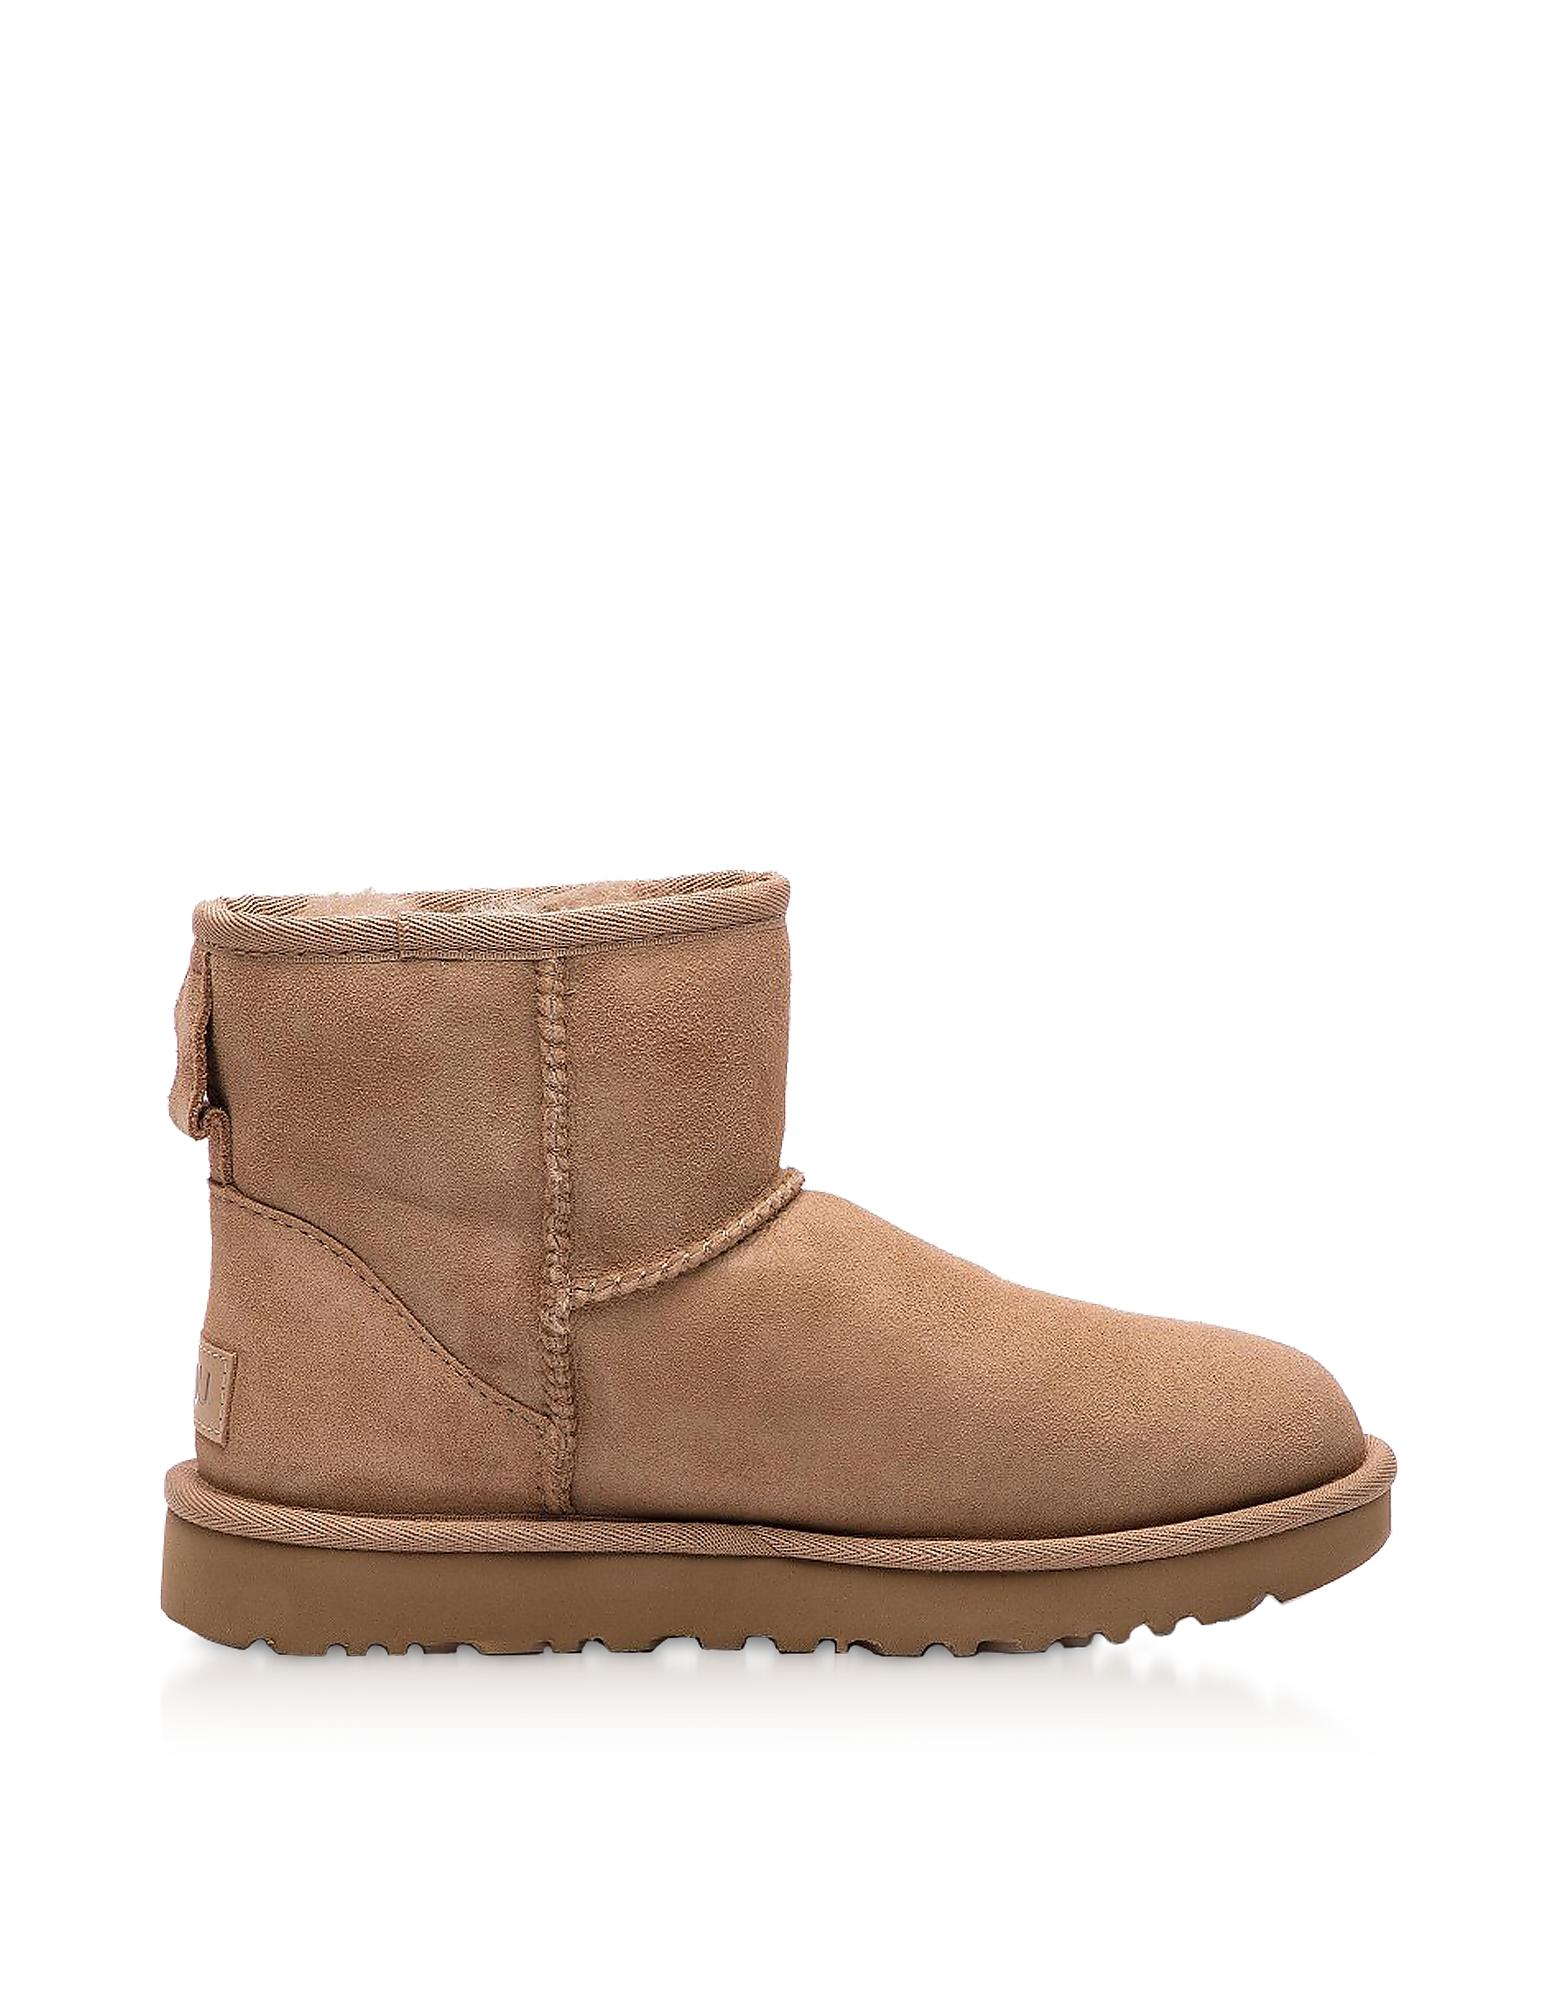 UGG Designer Shoes, Mole Classic Mini II Boots